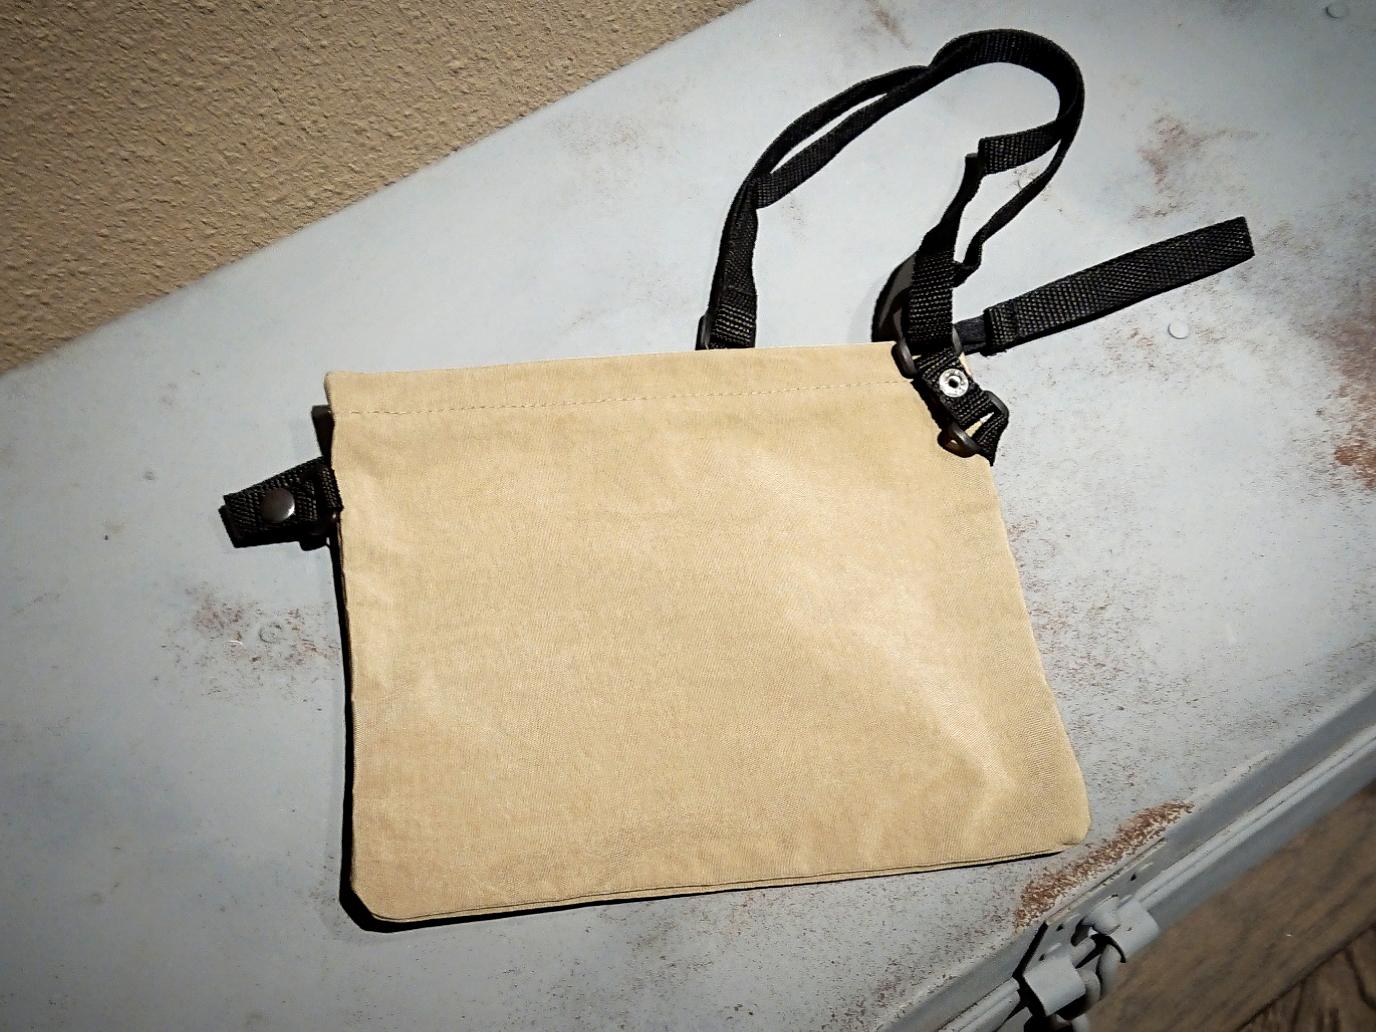 Muji labo bag